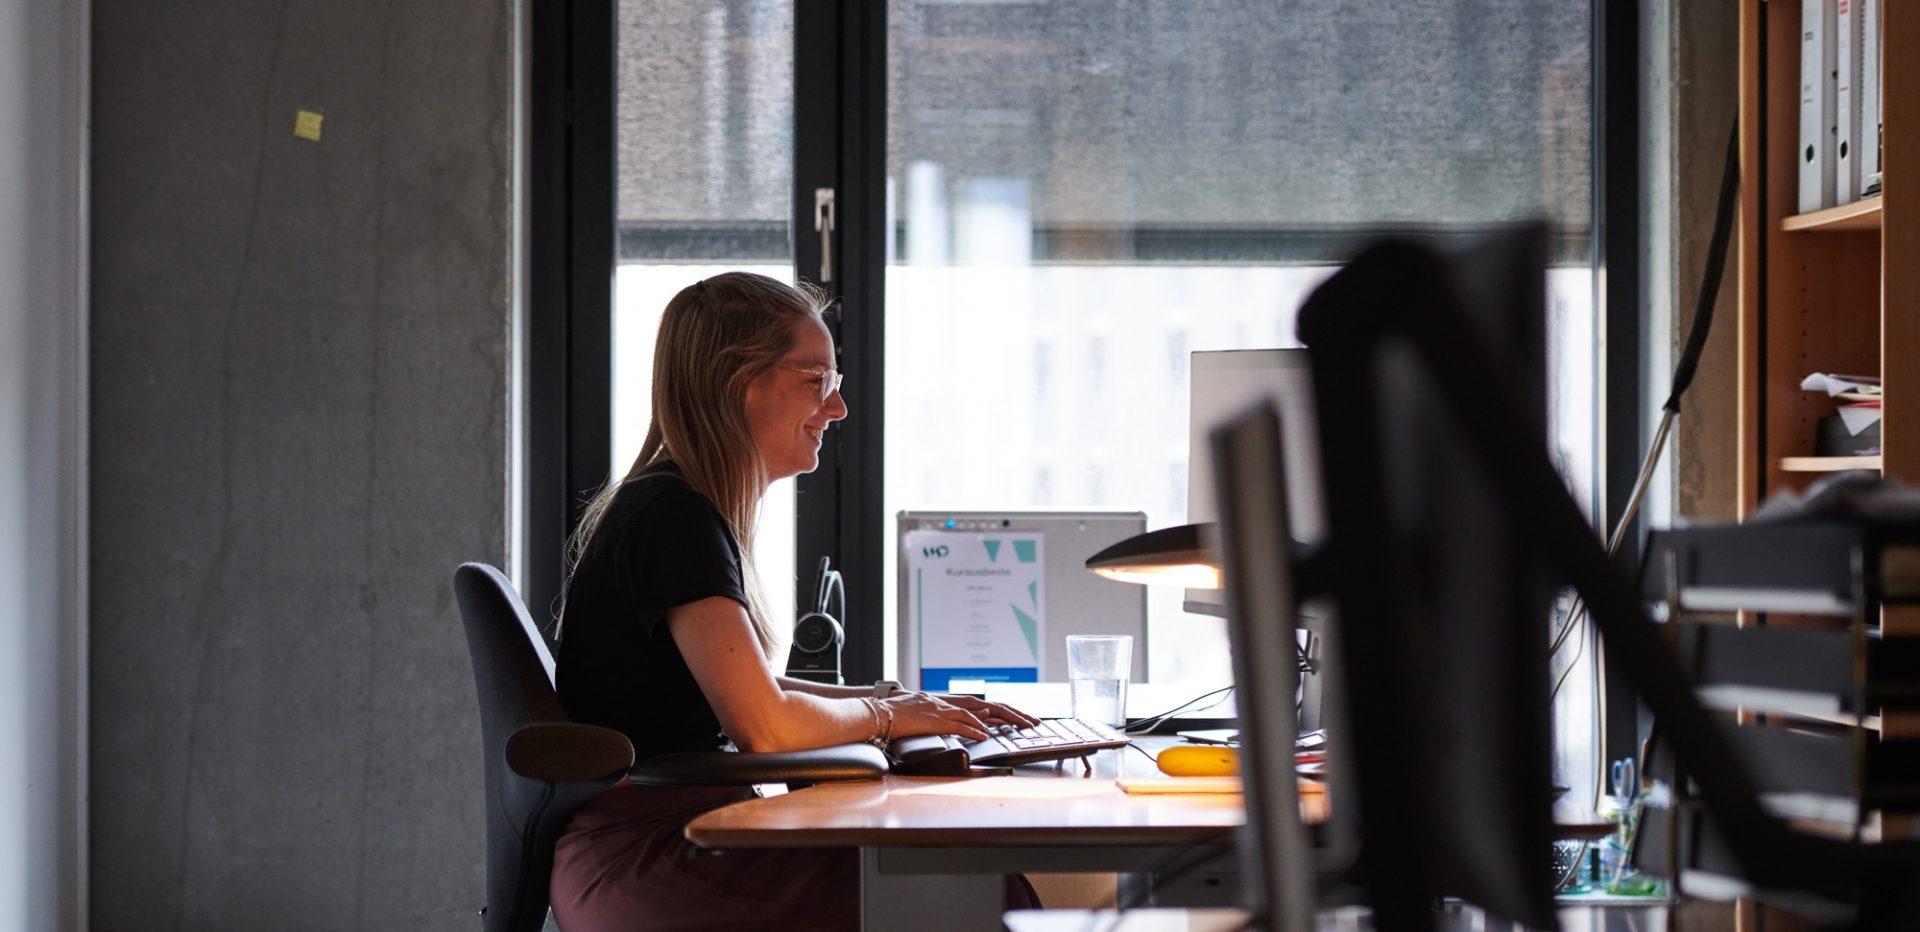 Kvinde på kontor ved computer